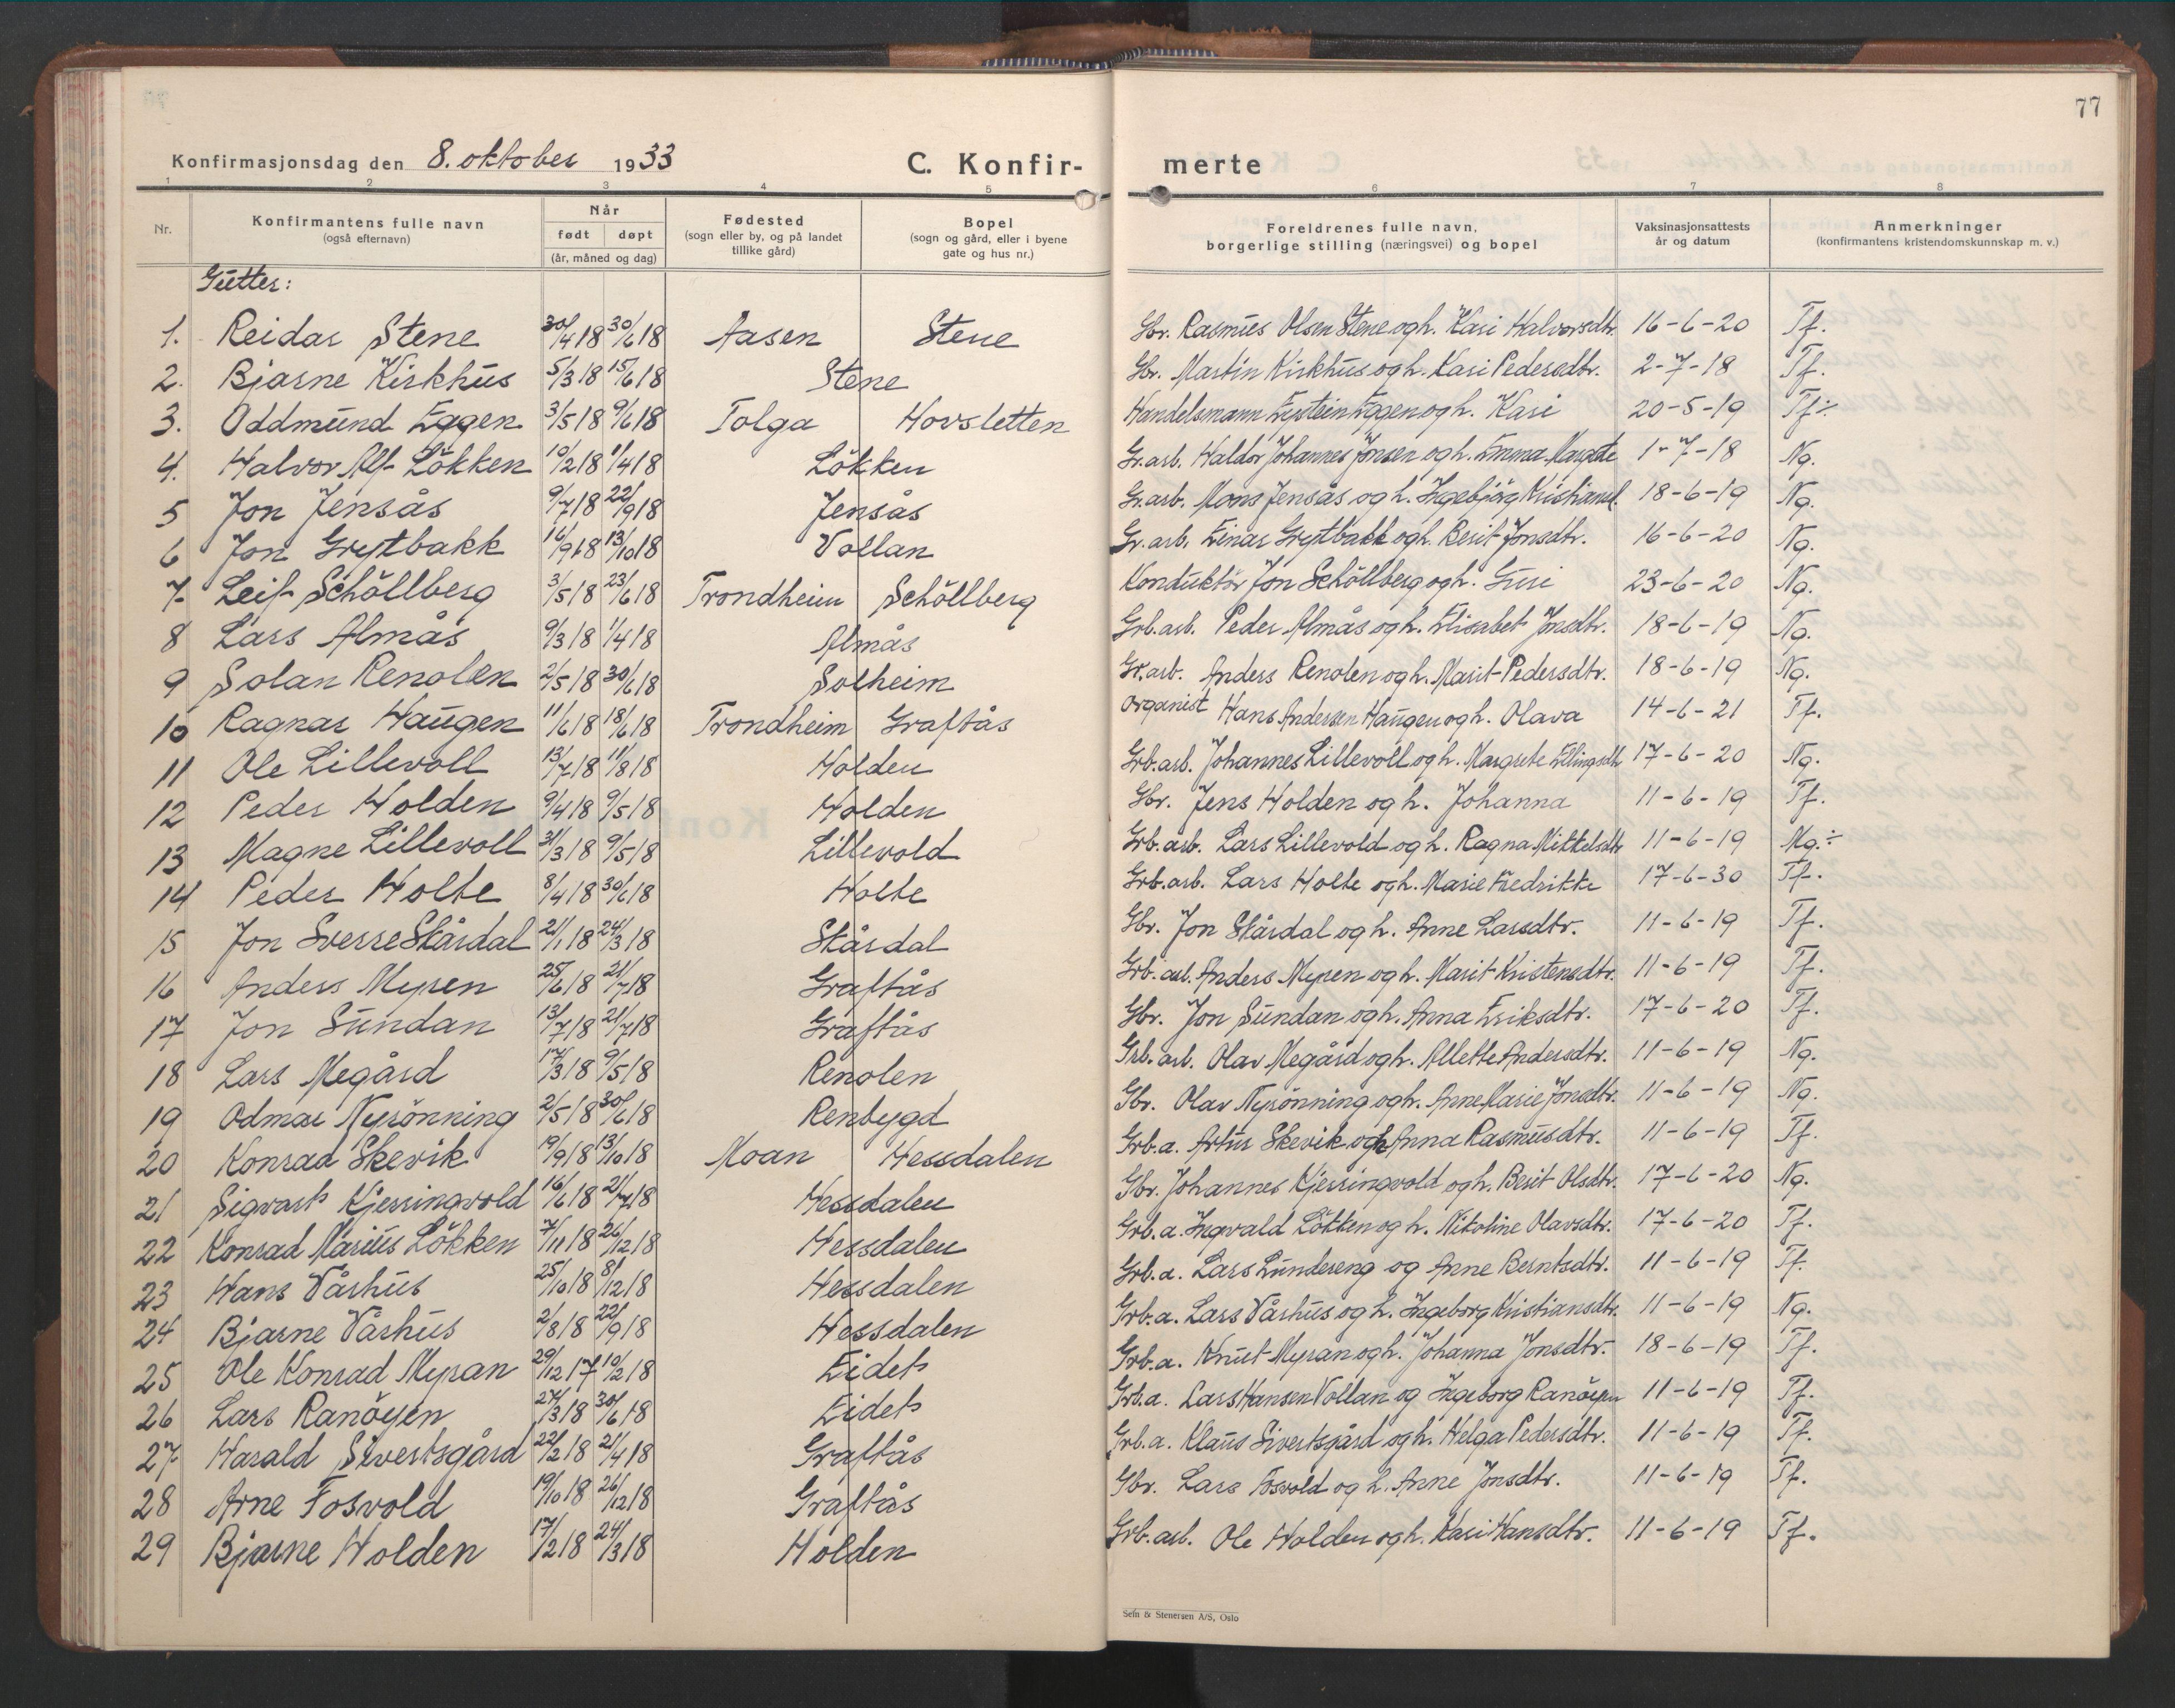 SAT, Ministerialprotokoller, klokkerbøker og fødselsregistre - Sør-Trøndelag, 686/L0986: Klokkerbok nr. 686C02, 1933-1950, s. 77